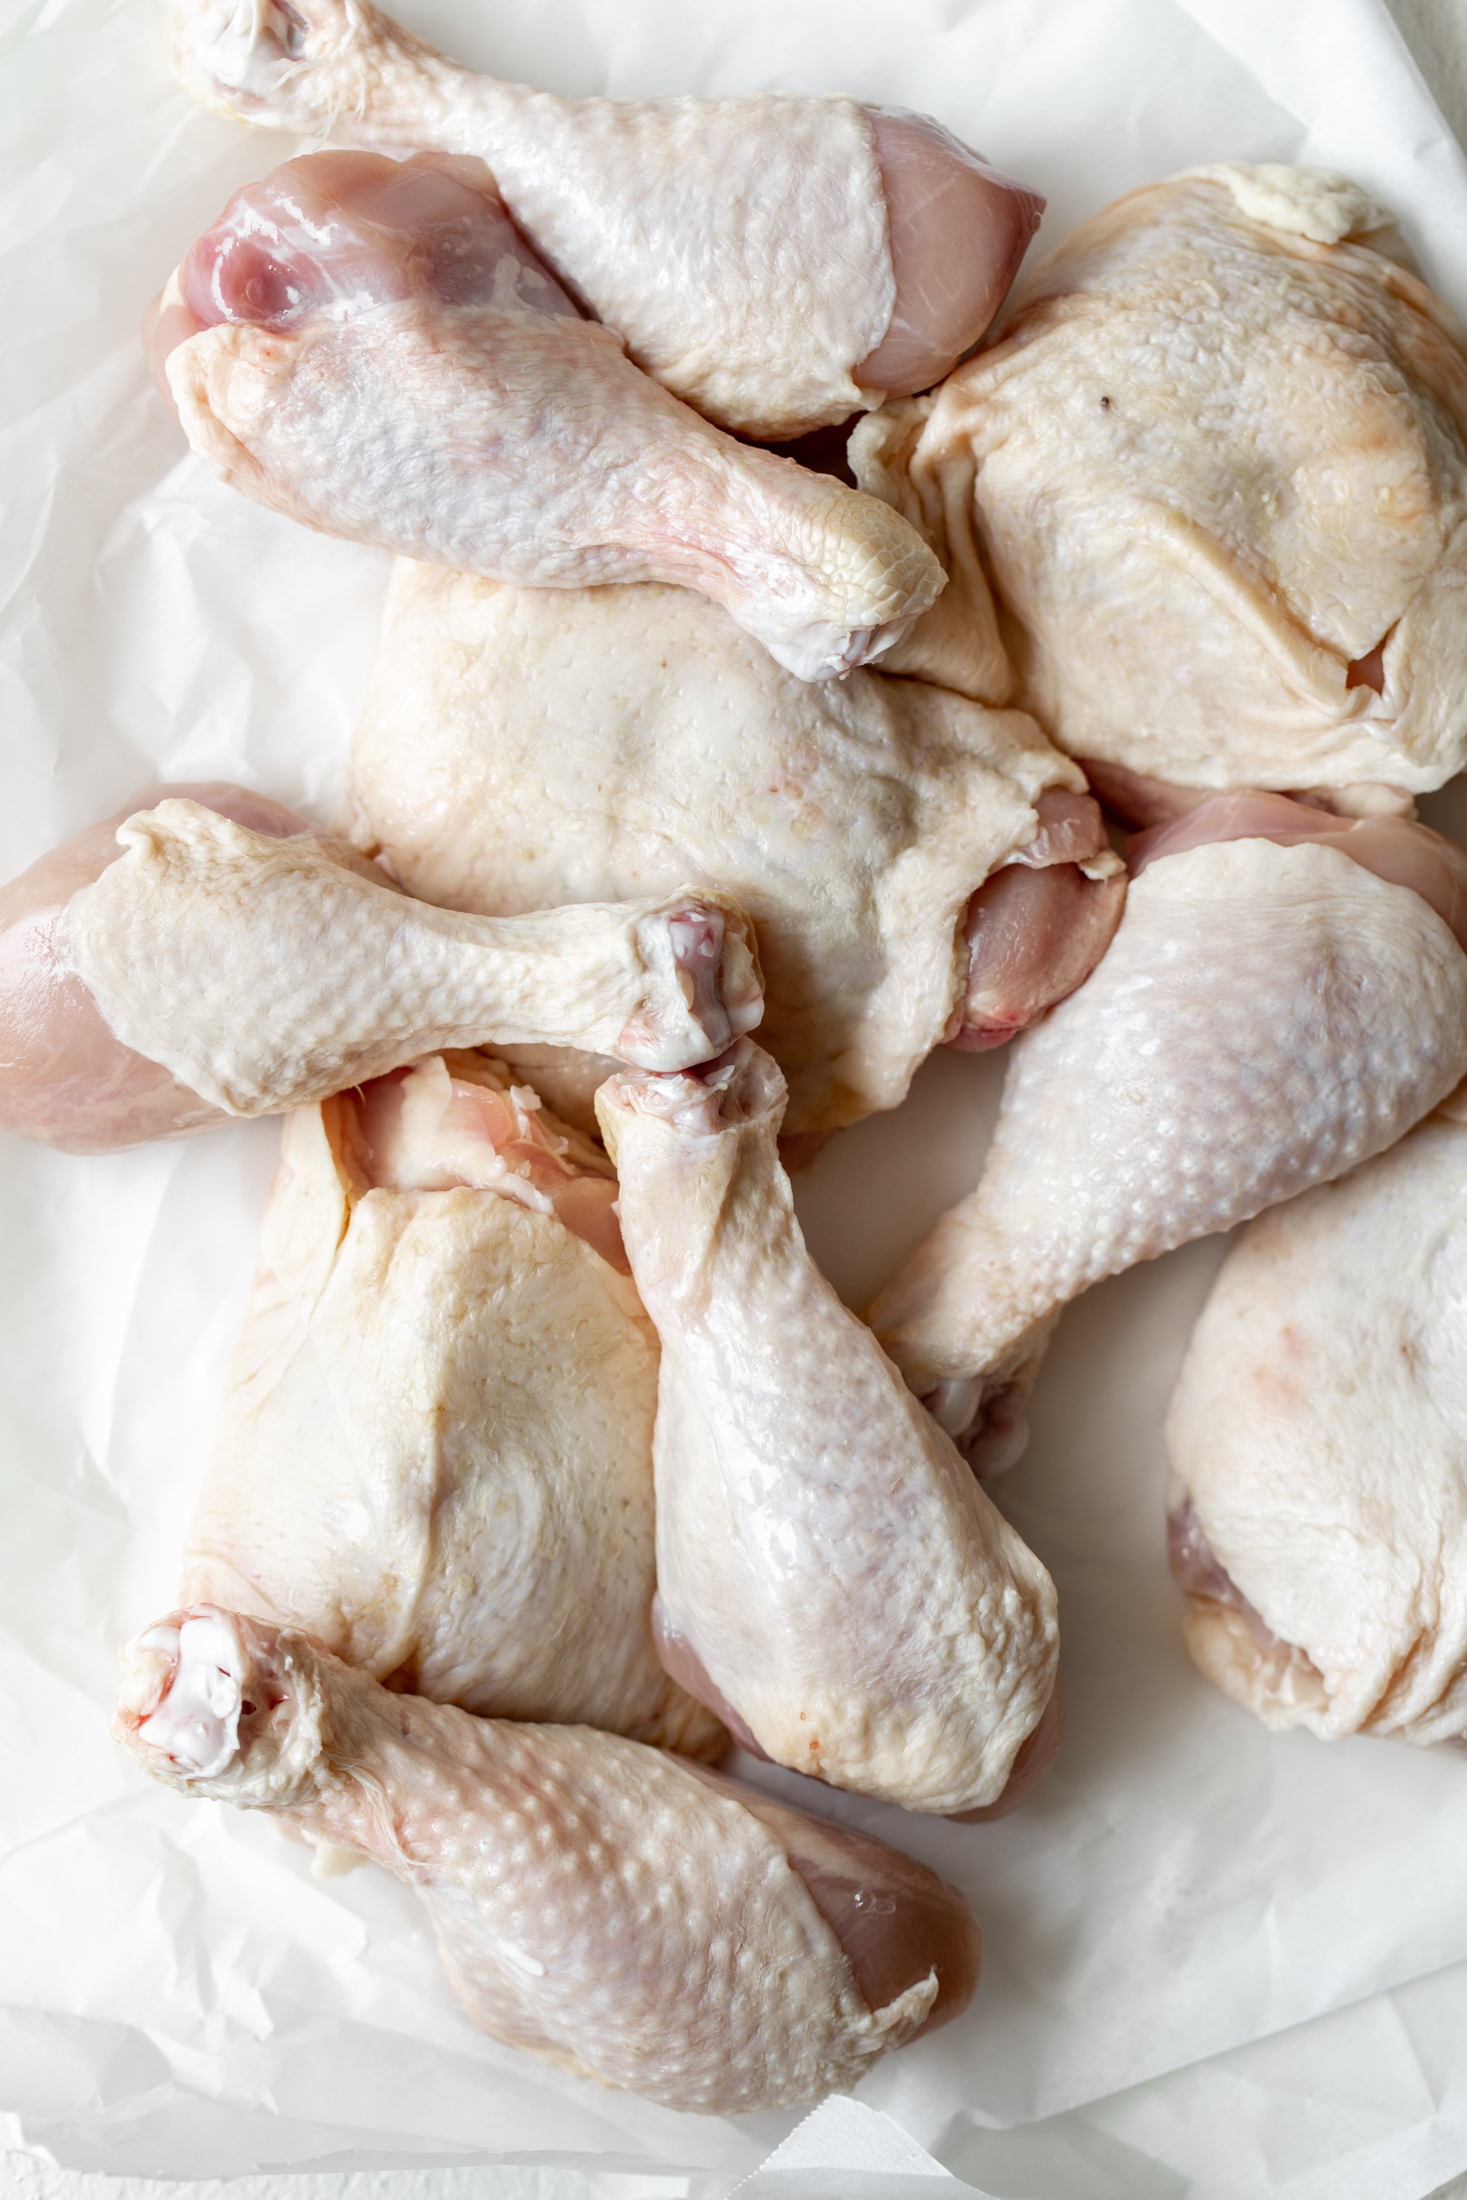 chicken thighs and drumsticks ingredient shot